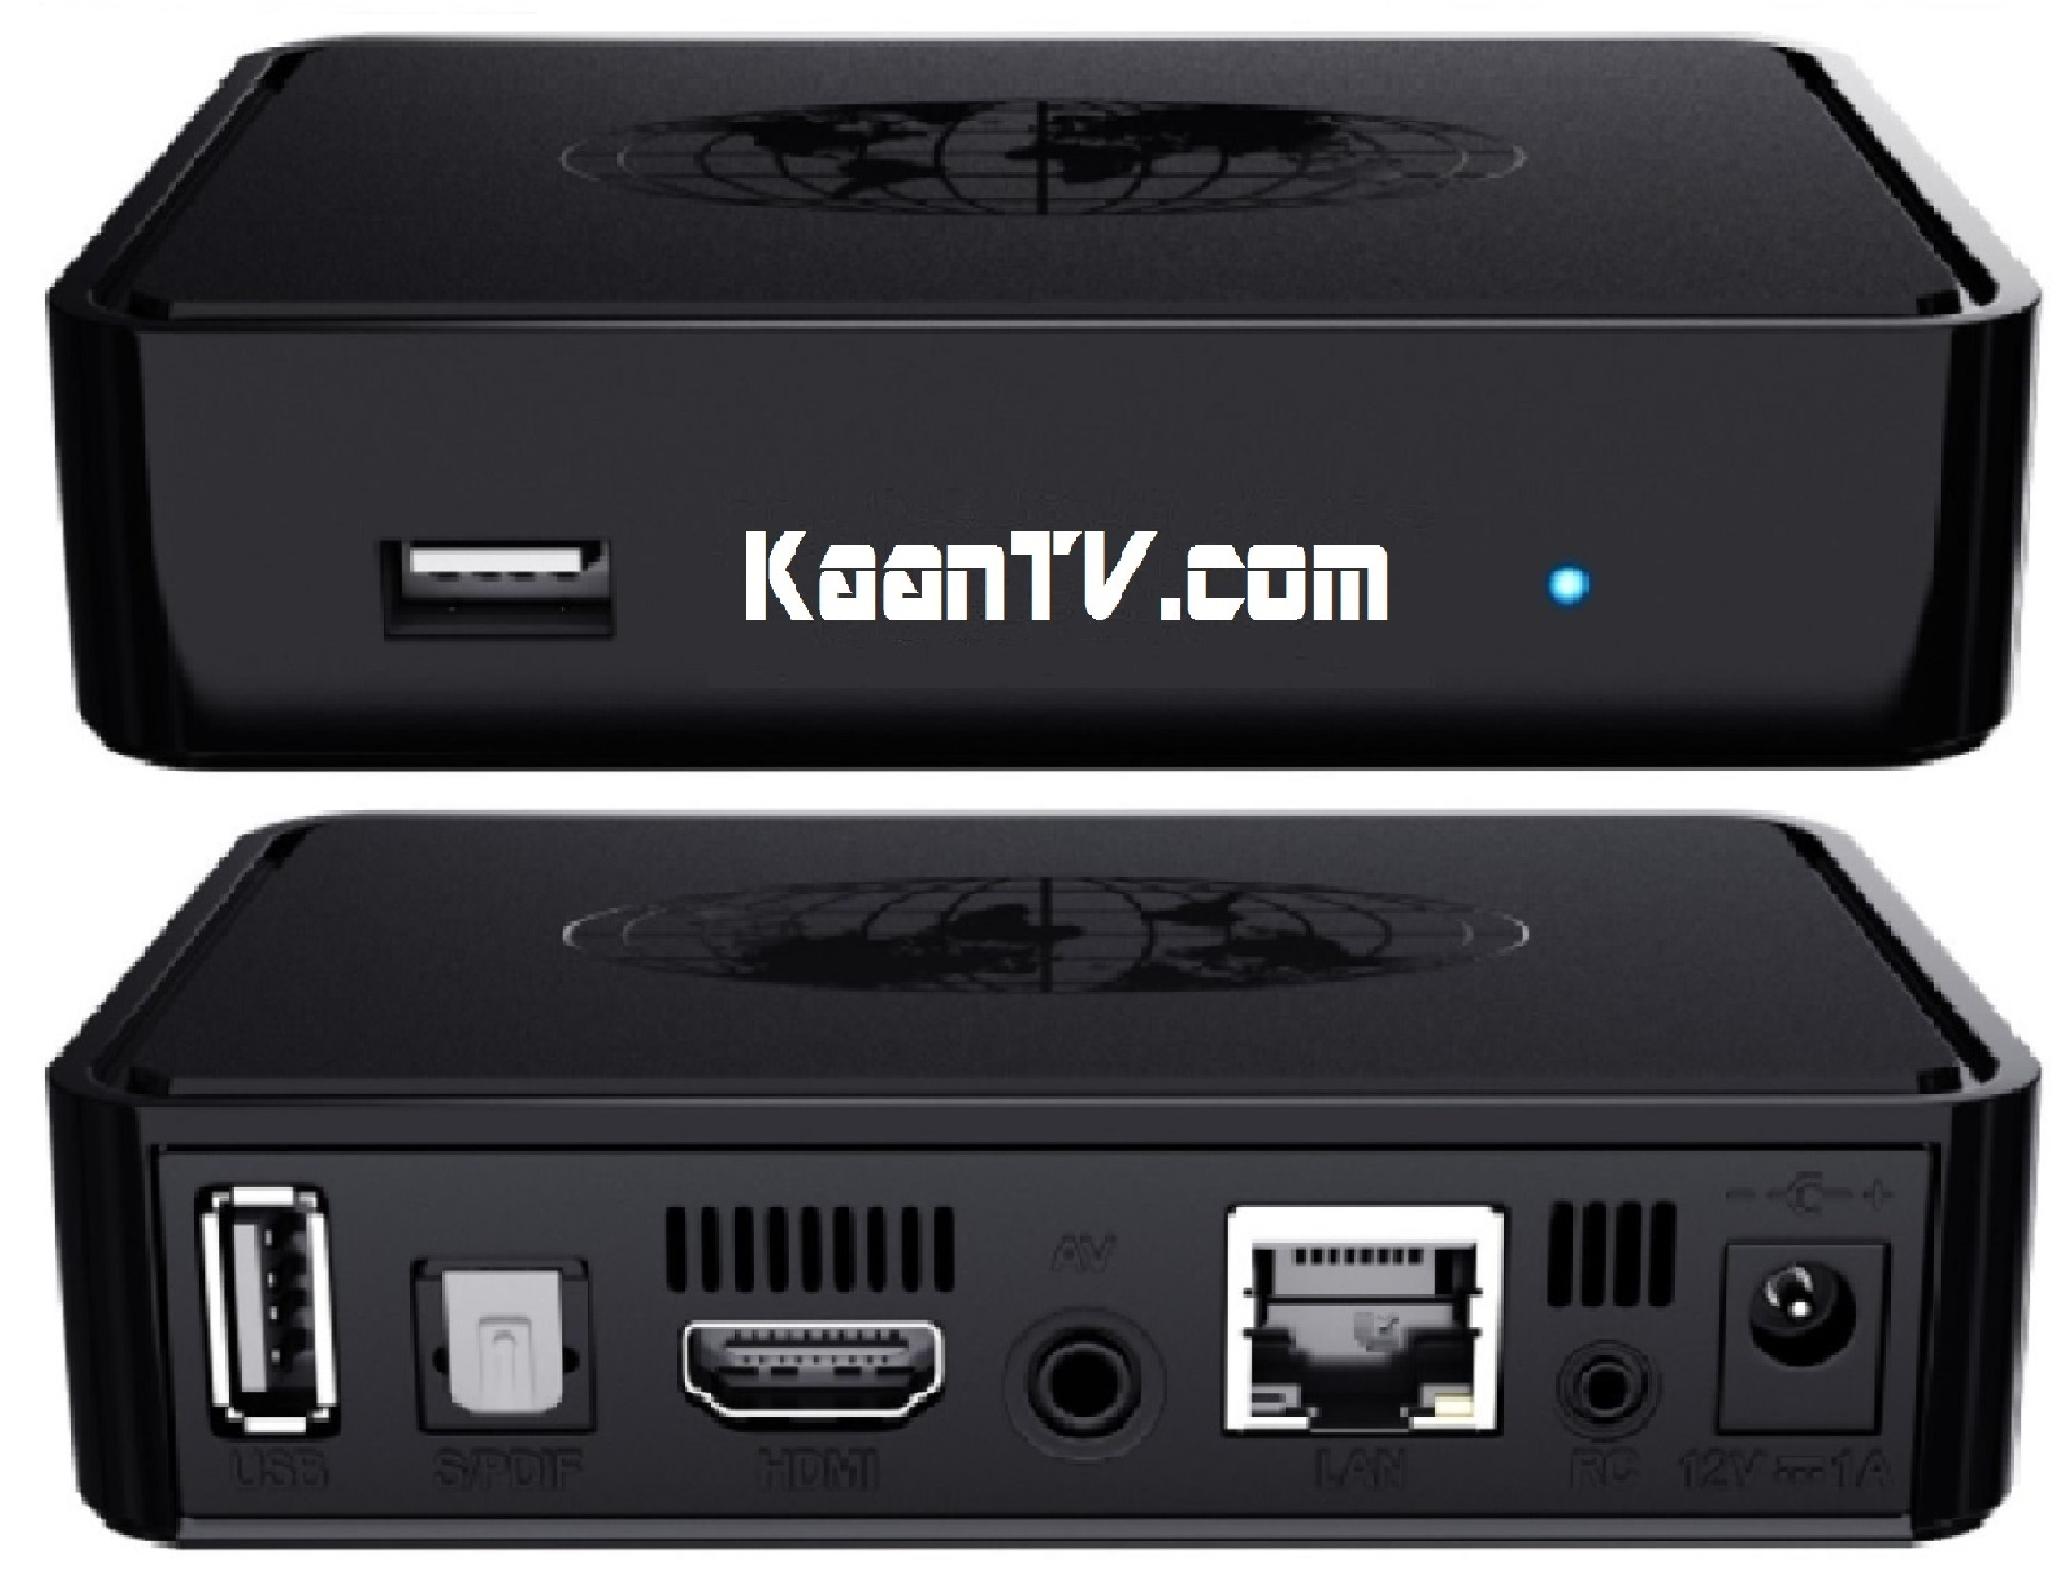 IPTV Box Mag 322 Vorder und Rückseite abgebildet und die Schnittstelle